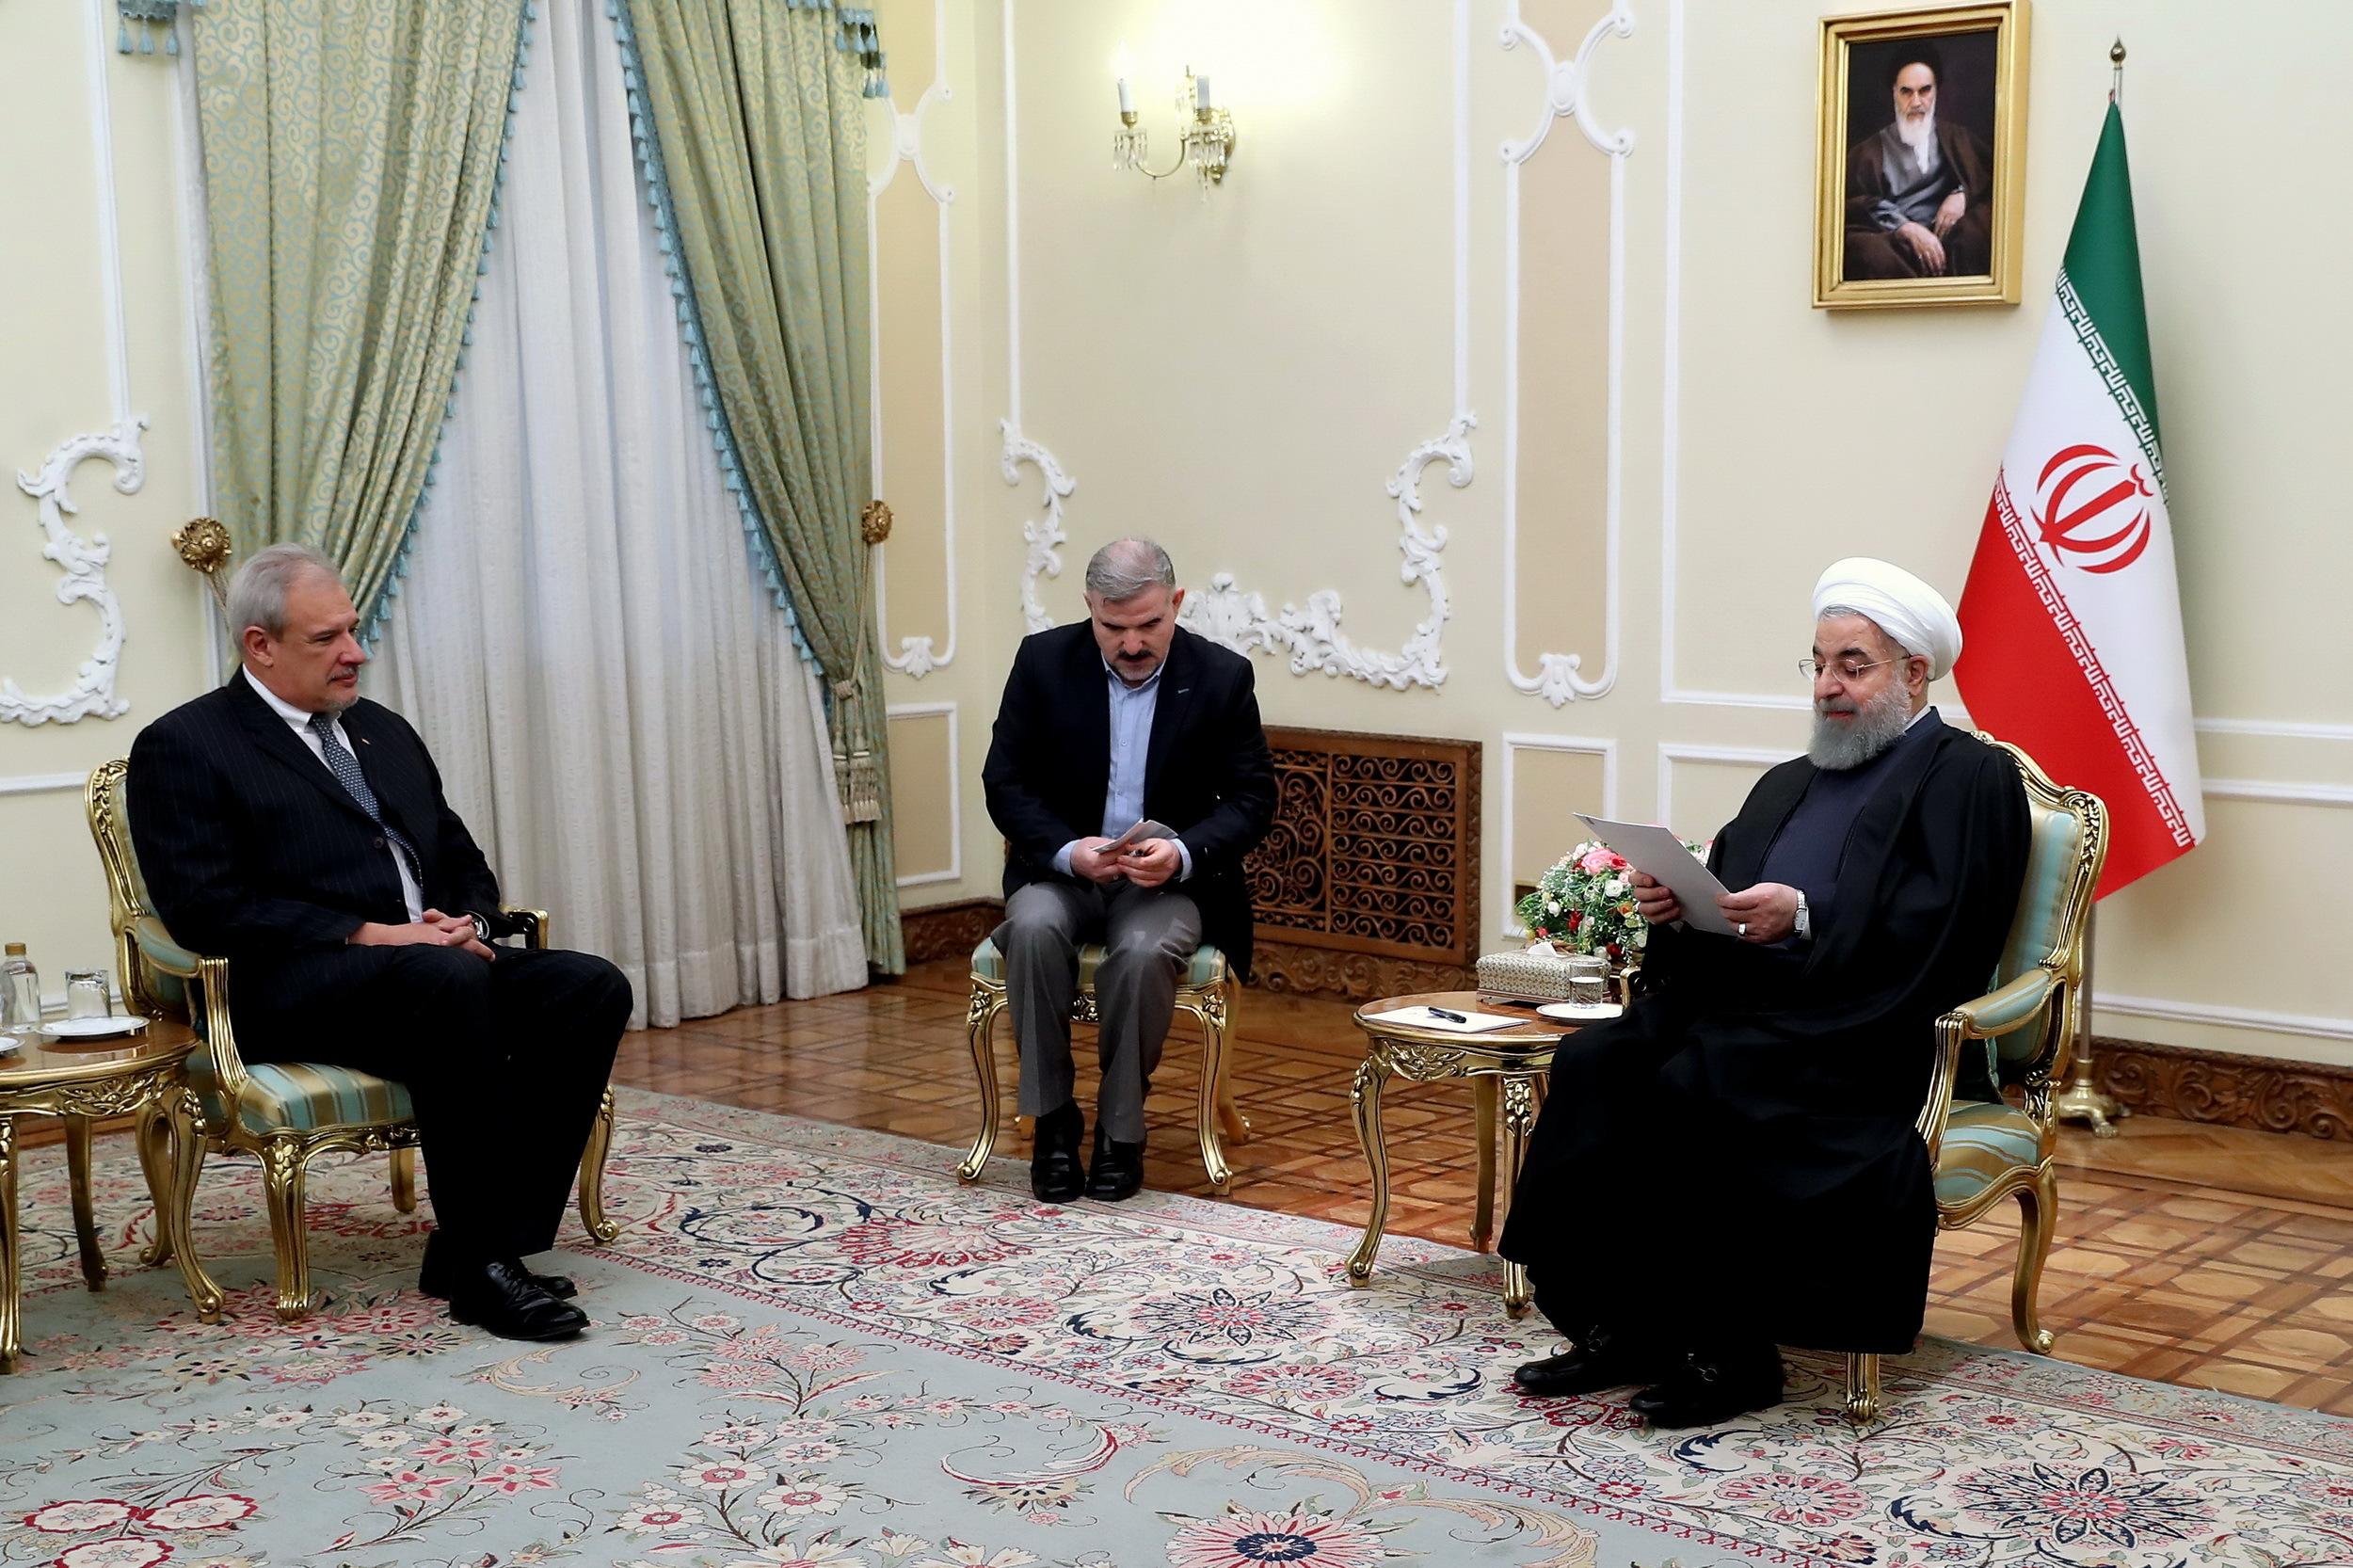 رئيس جمهور: اراده تهران گسترش روابط با هاواناست/ ايران با تحريم به عنوان ابراز ناصحيح و کهنه مخالف است